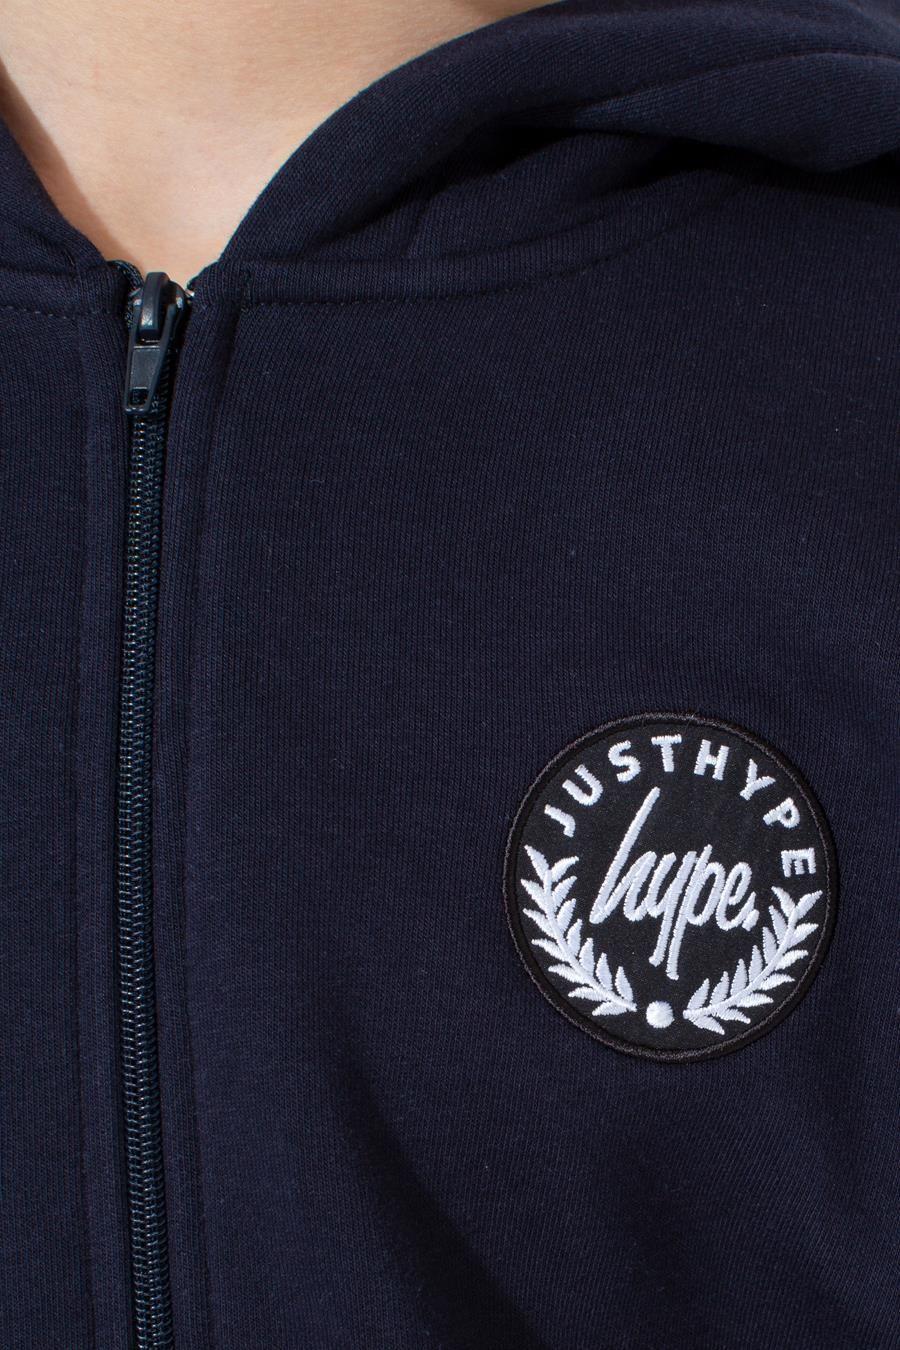 Hype Navy Crest Kids Zip Hoodie